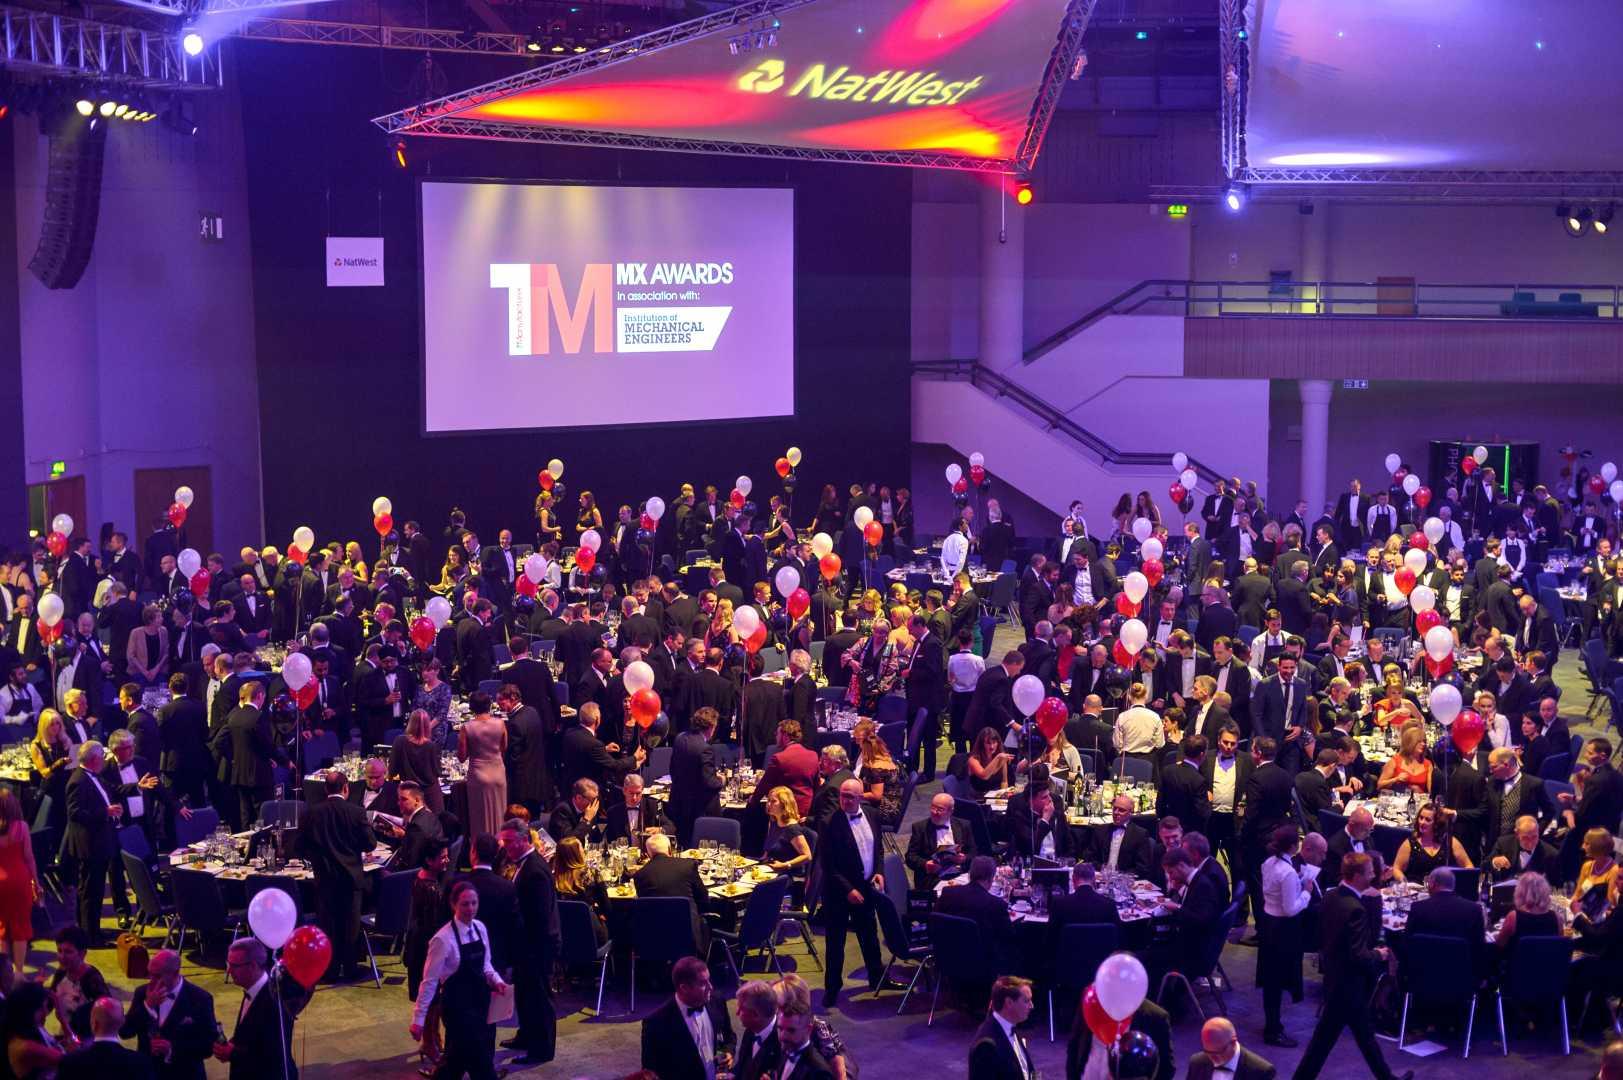 TMMX Awards Crowds-004